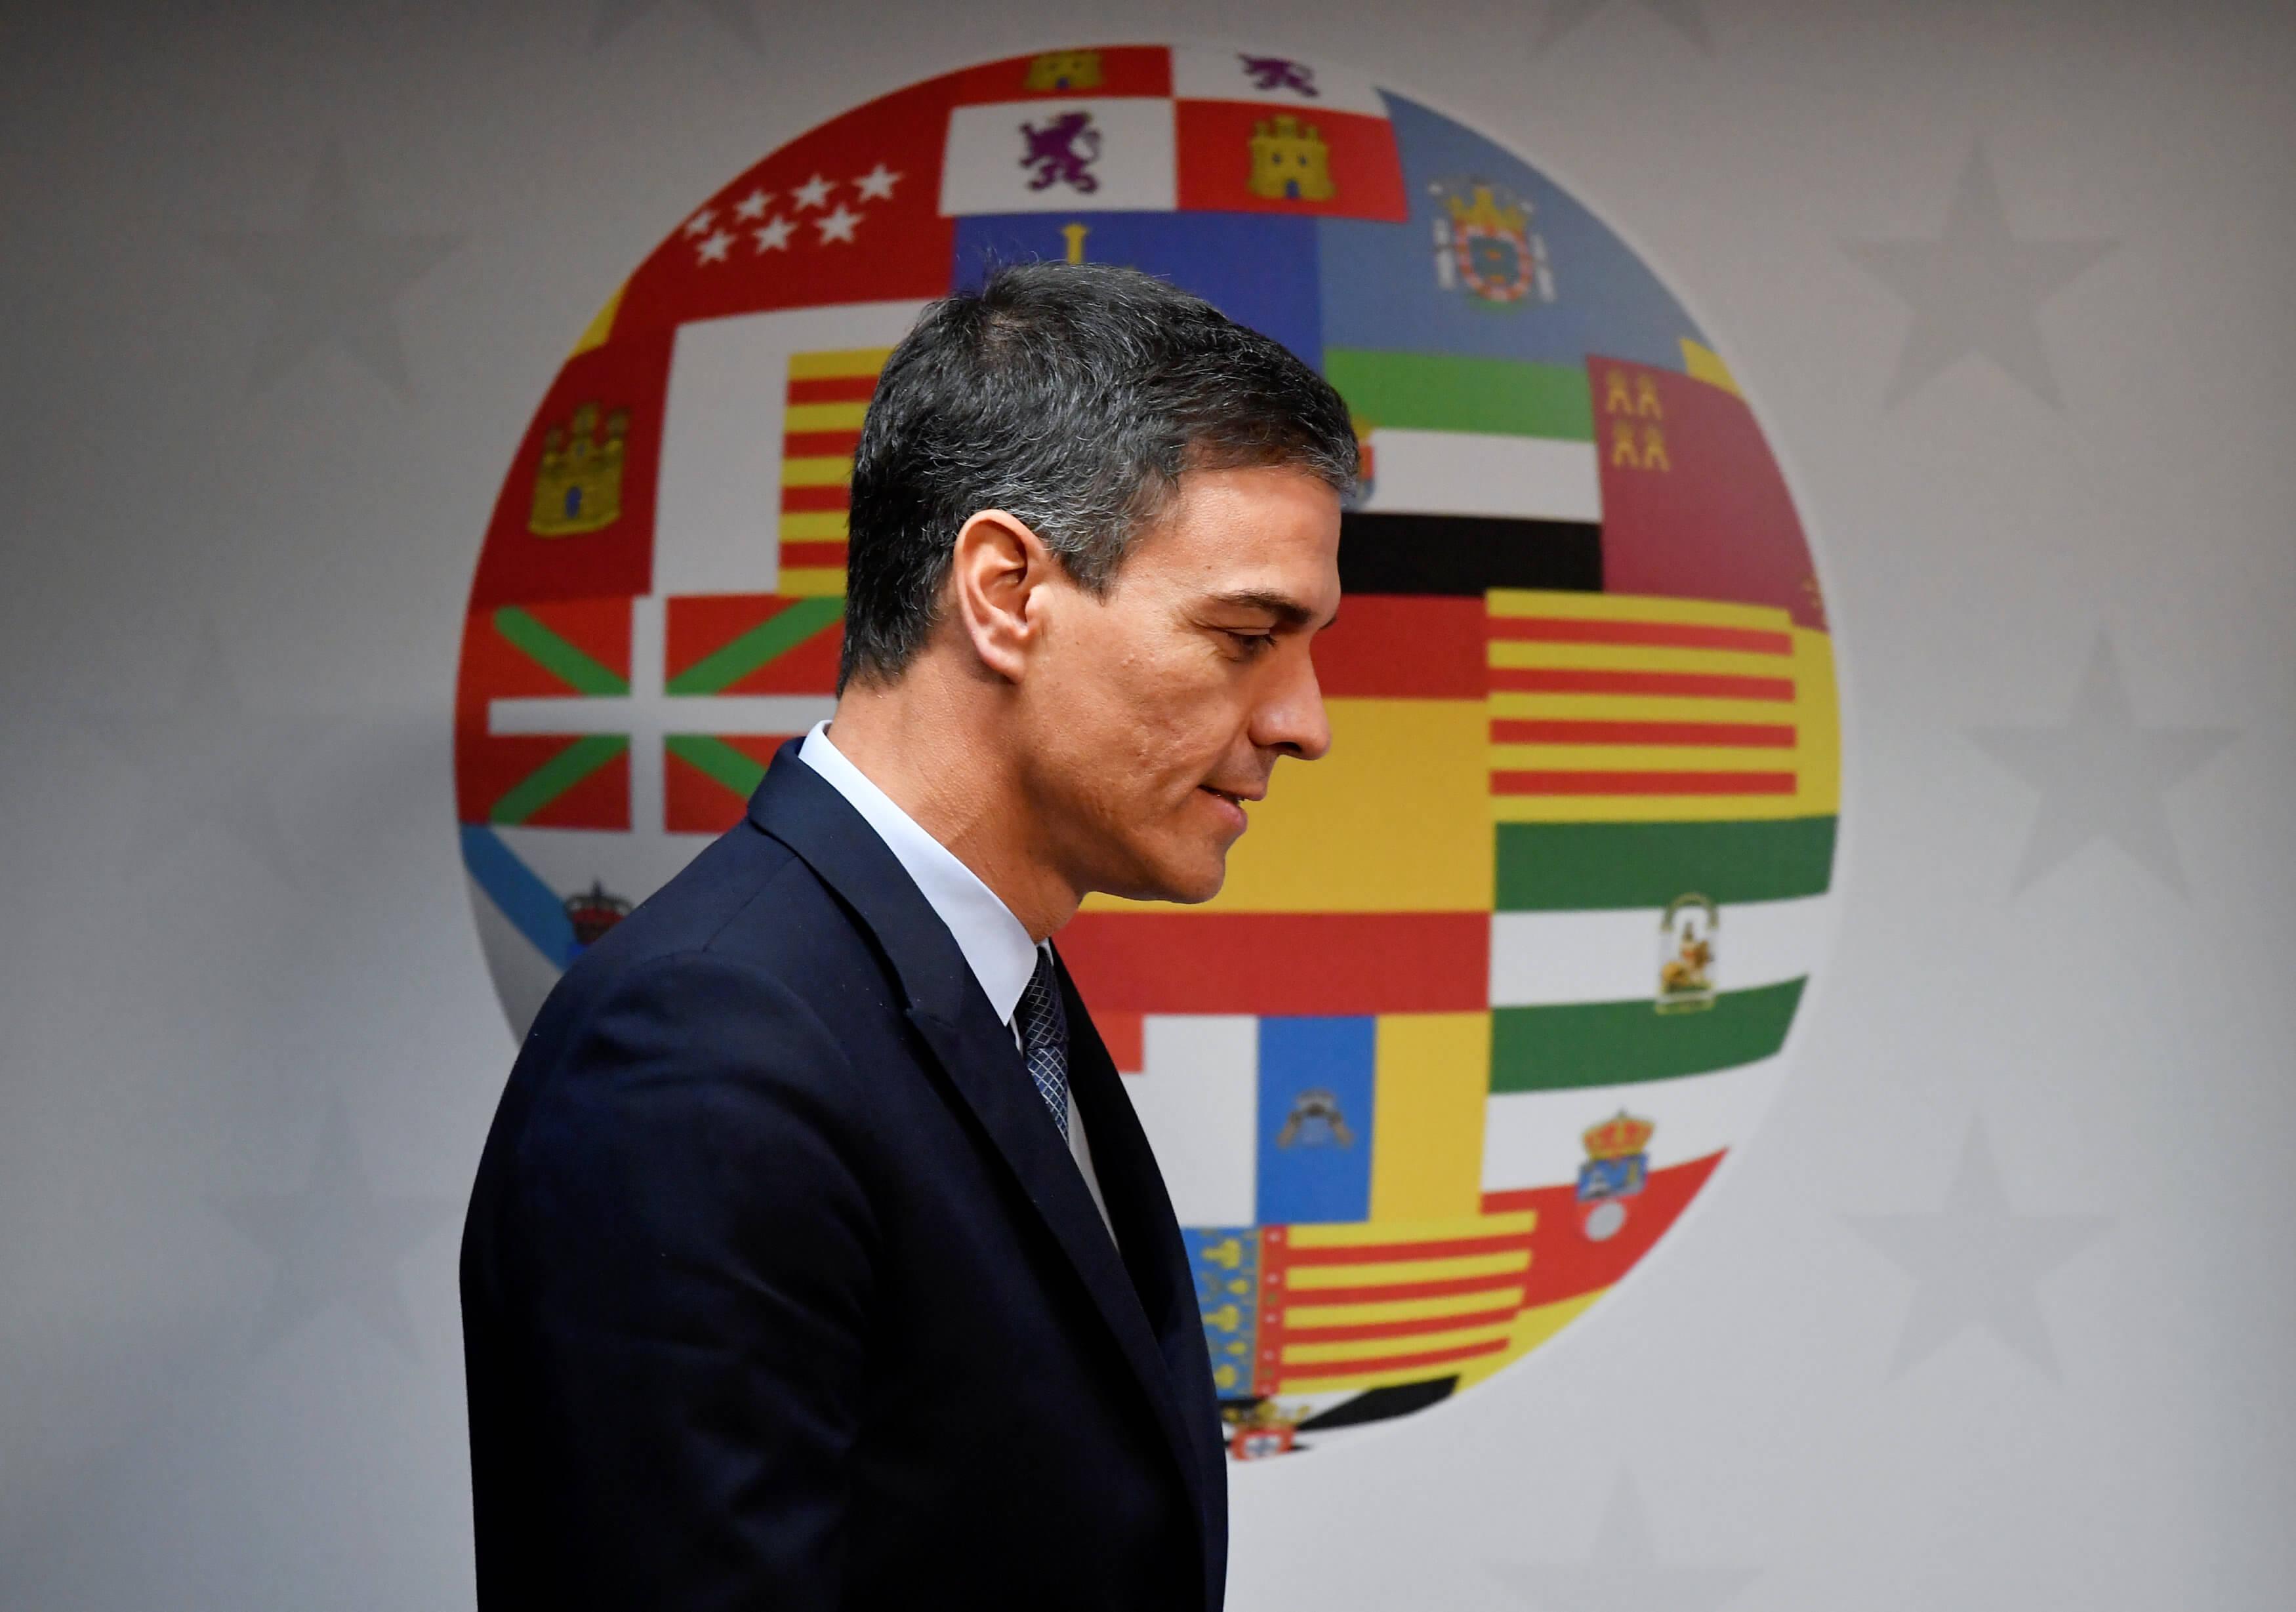 Ισπανία: Προηγούνται οι Σοσιαλιστές στις δημοσκοπήσεις – Παγιώνεται το ποσοστό της ακροδεξιάς